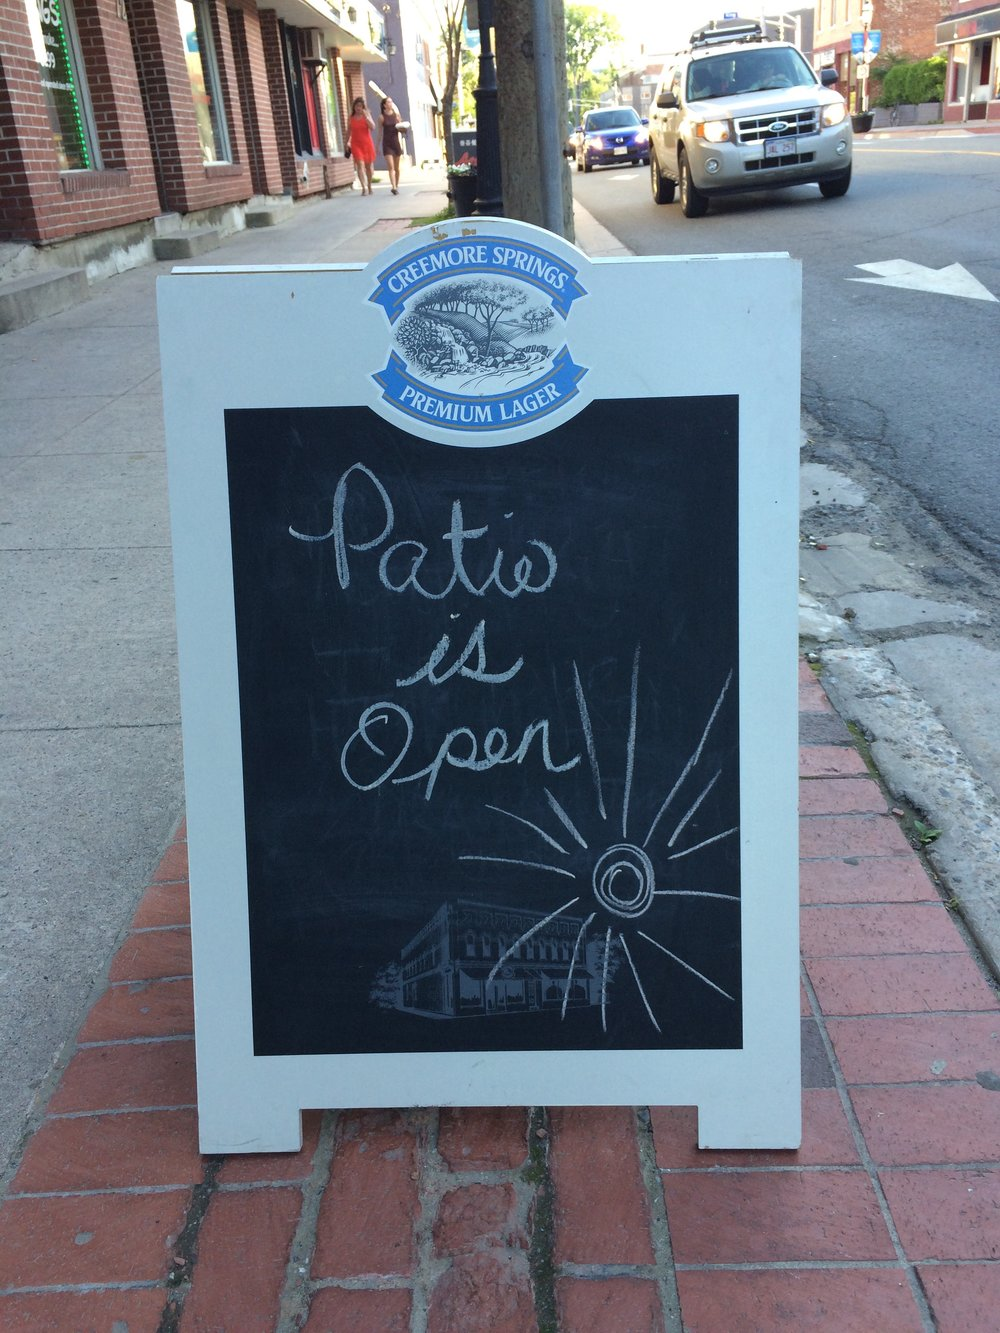 Patio Open!